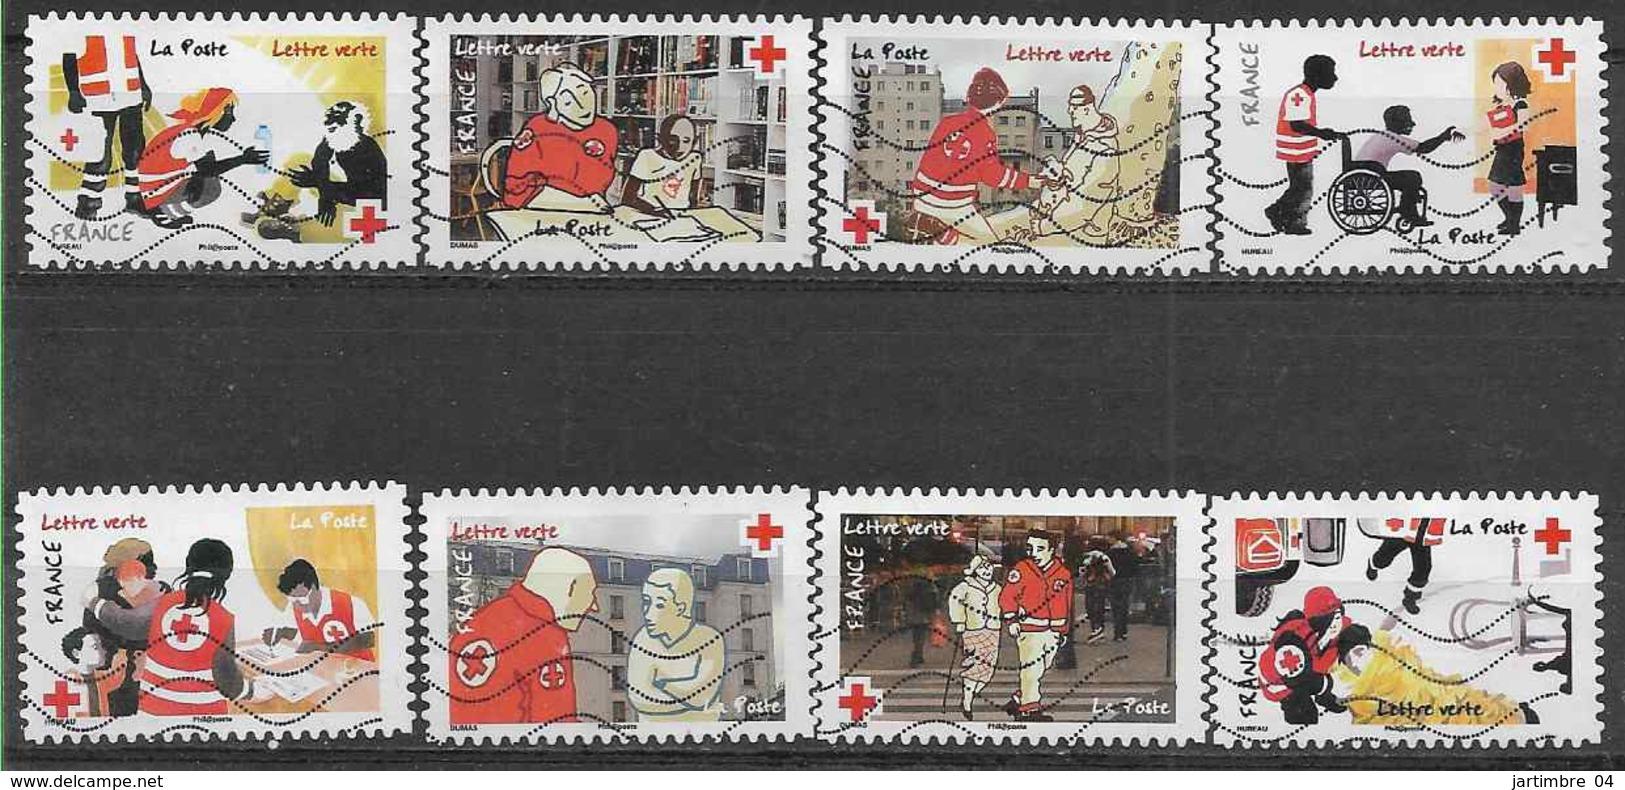 2016 FRANCE Adhesifs 1270-77 Oblitérés, Croix-rouge, Série Complète - Adhesive Stamps